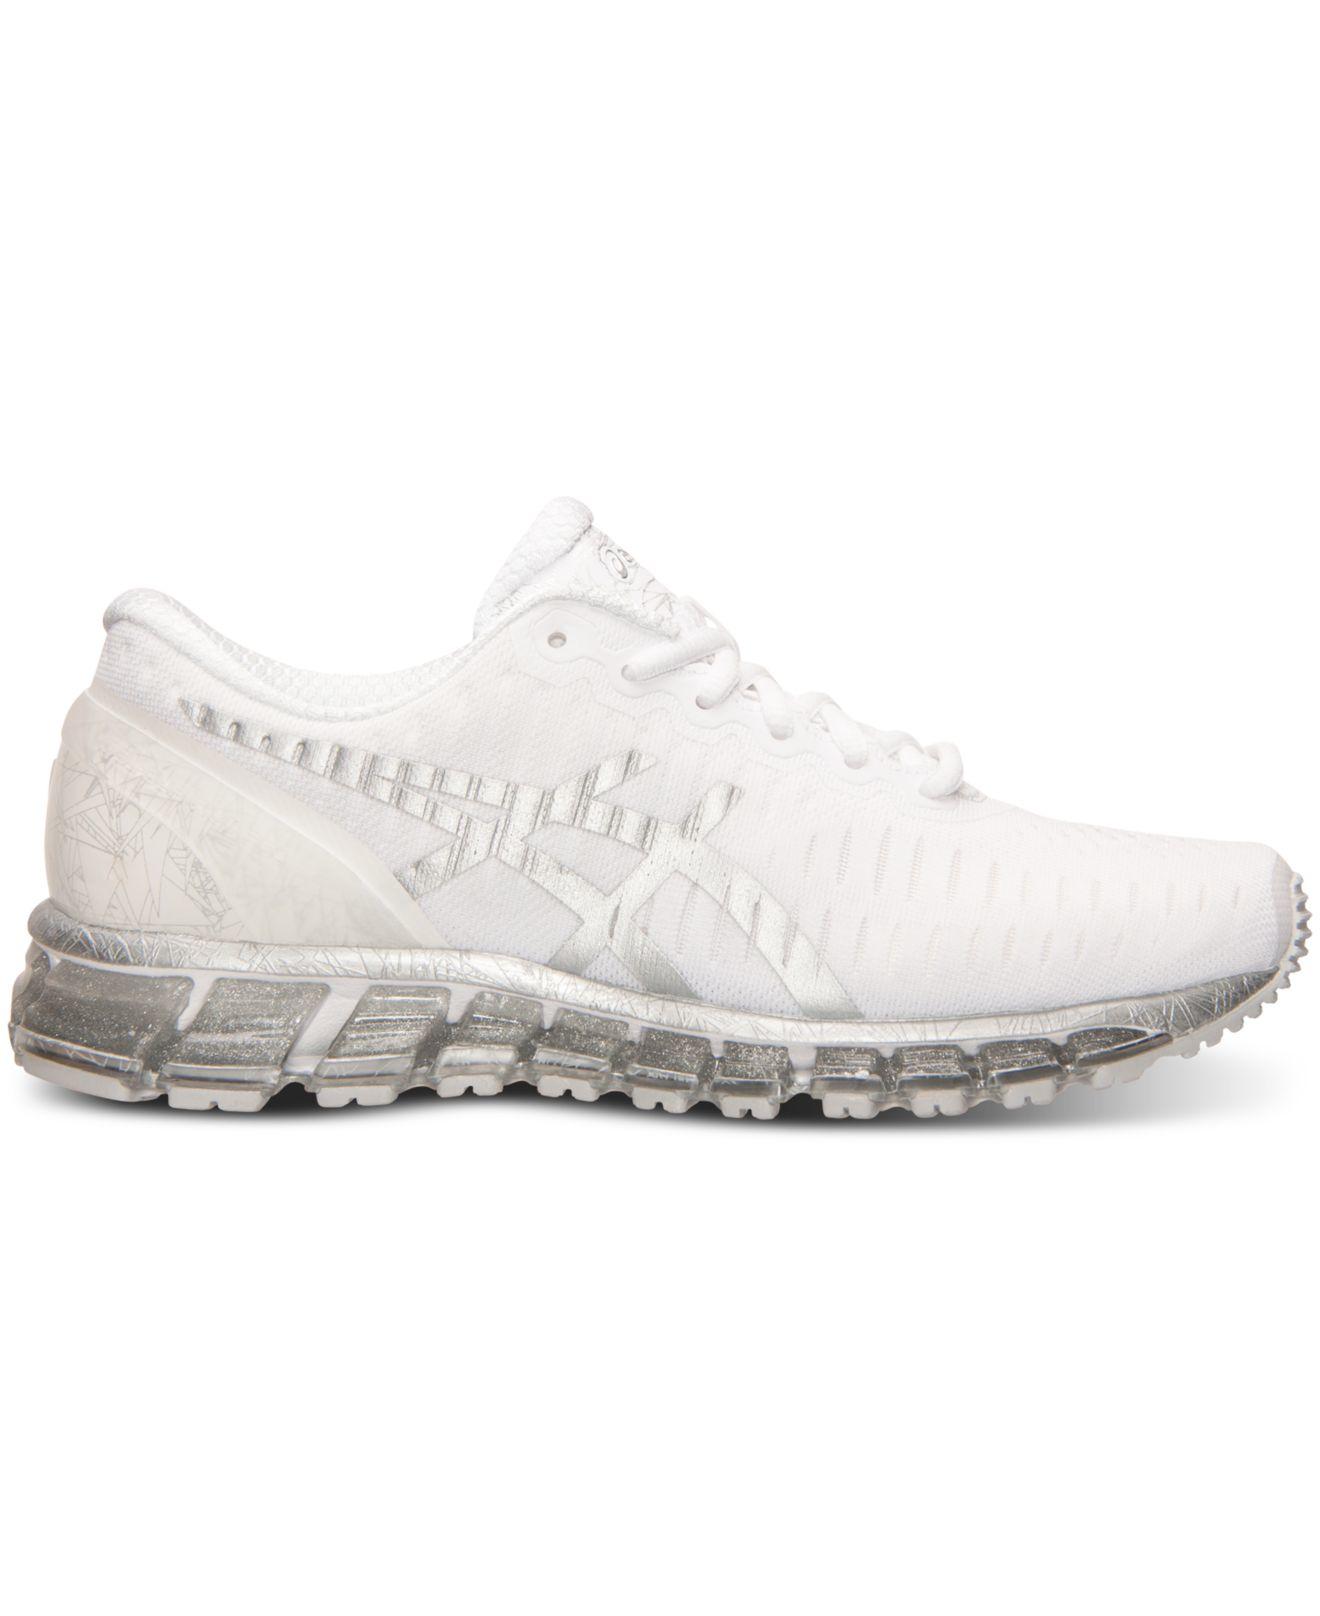 on sale 14297 ad68c store mens asics gel quantum 360 white silver de9f6 60d18